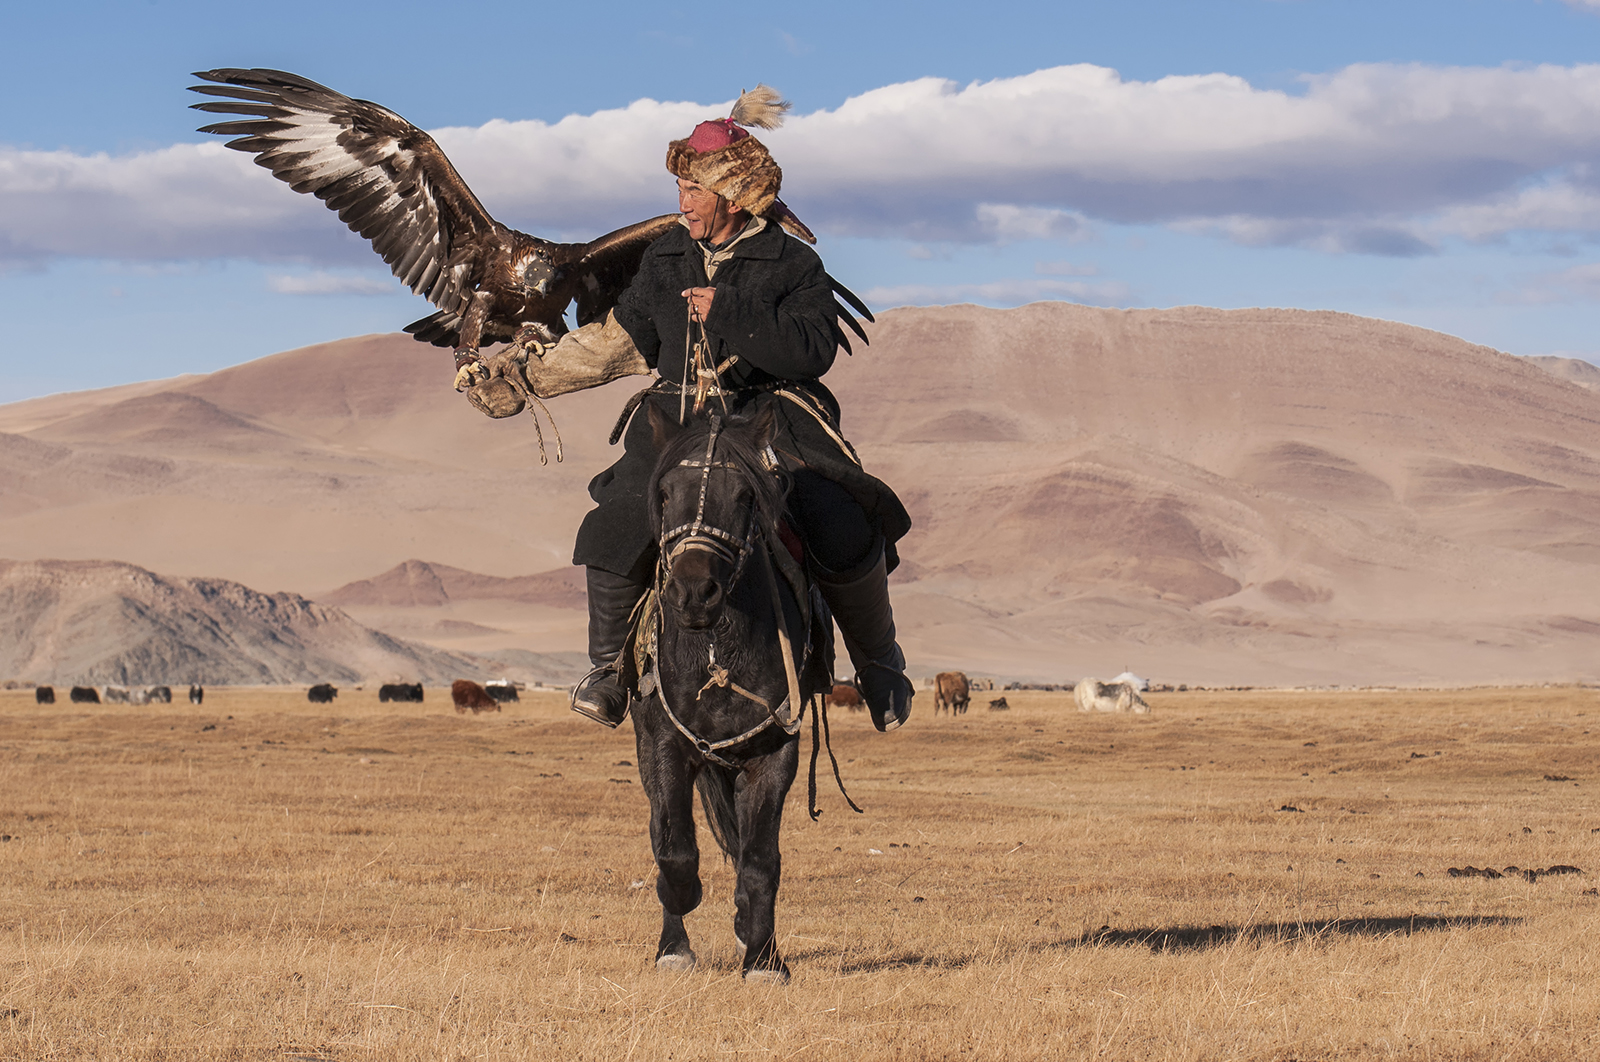 eagle hunter on horseback.jpg